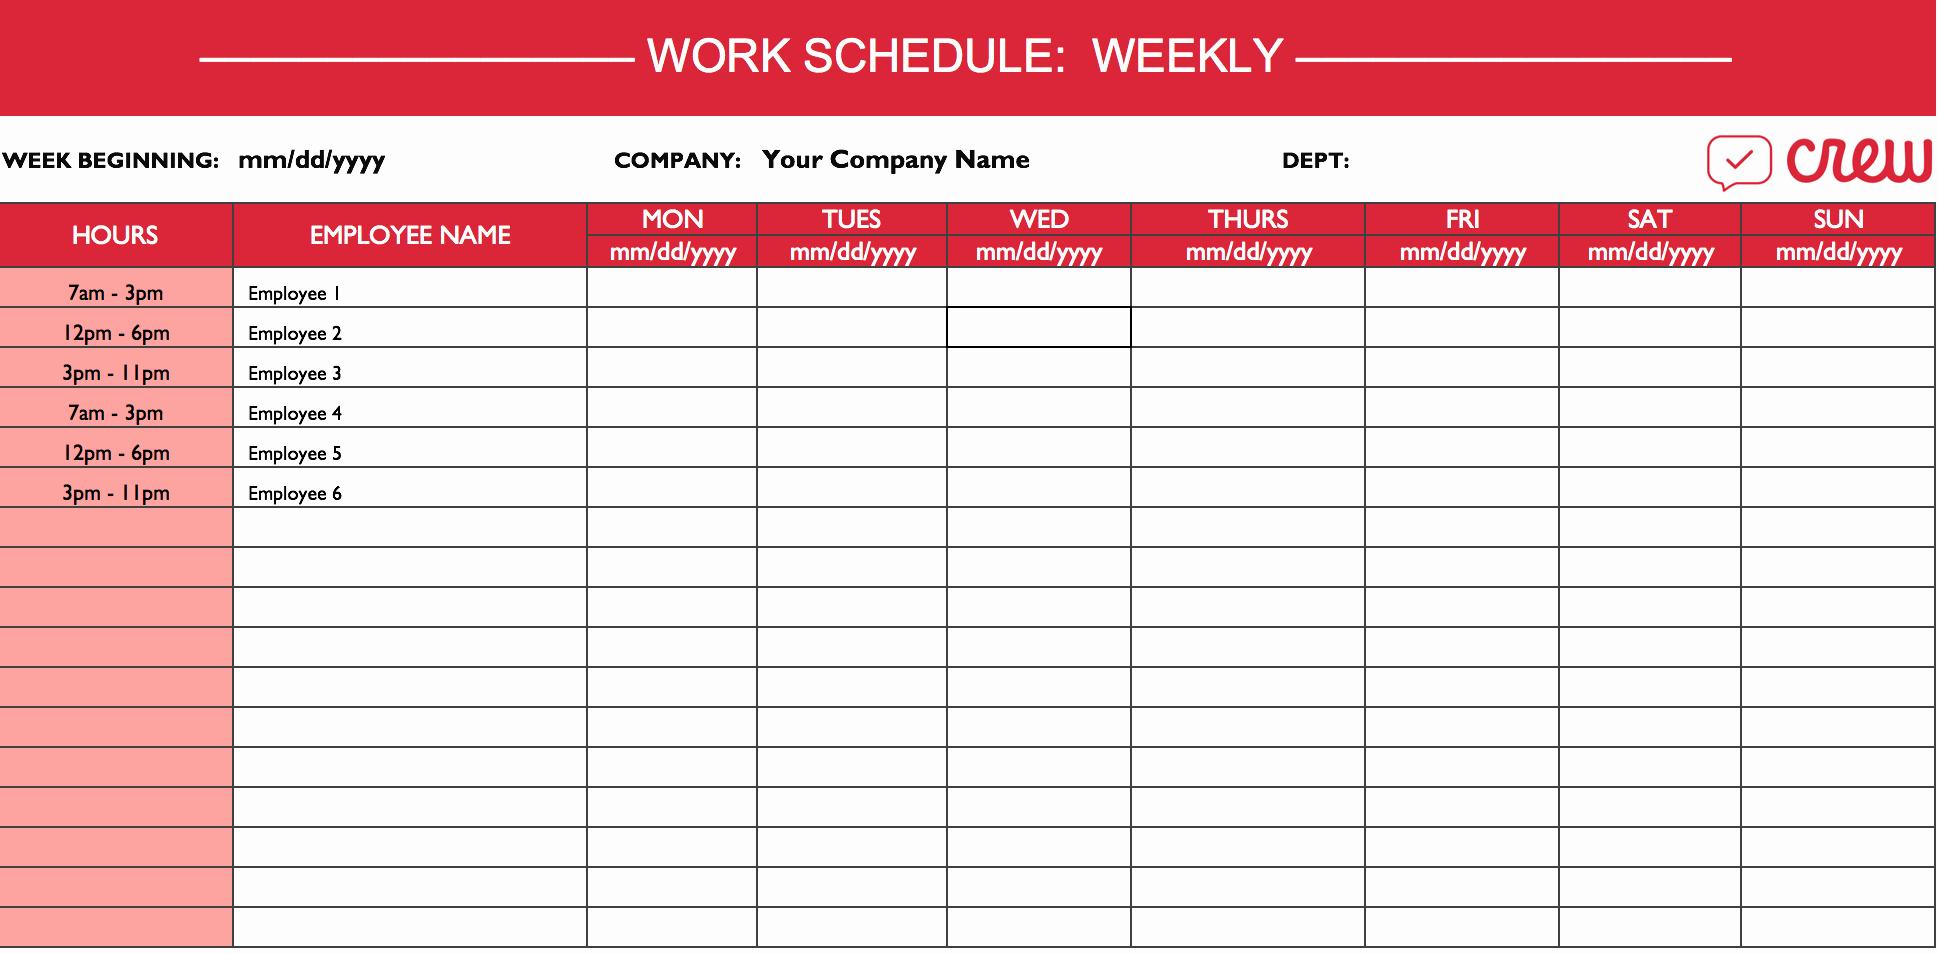 Work Schedule Calendar Template New Weekly Work Schedule Template I Crew